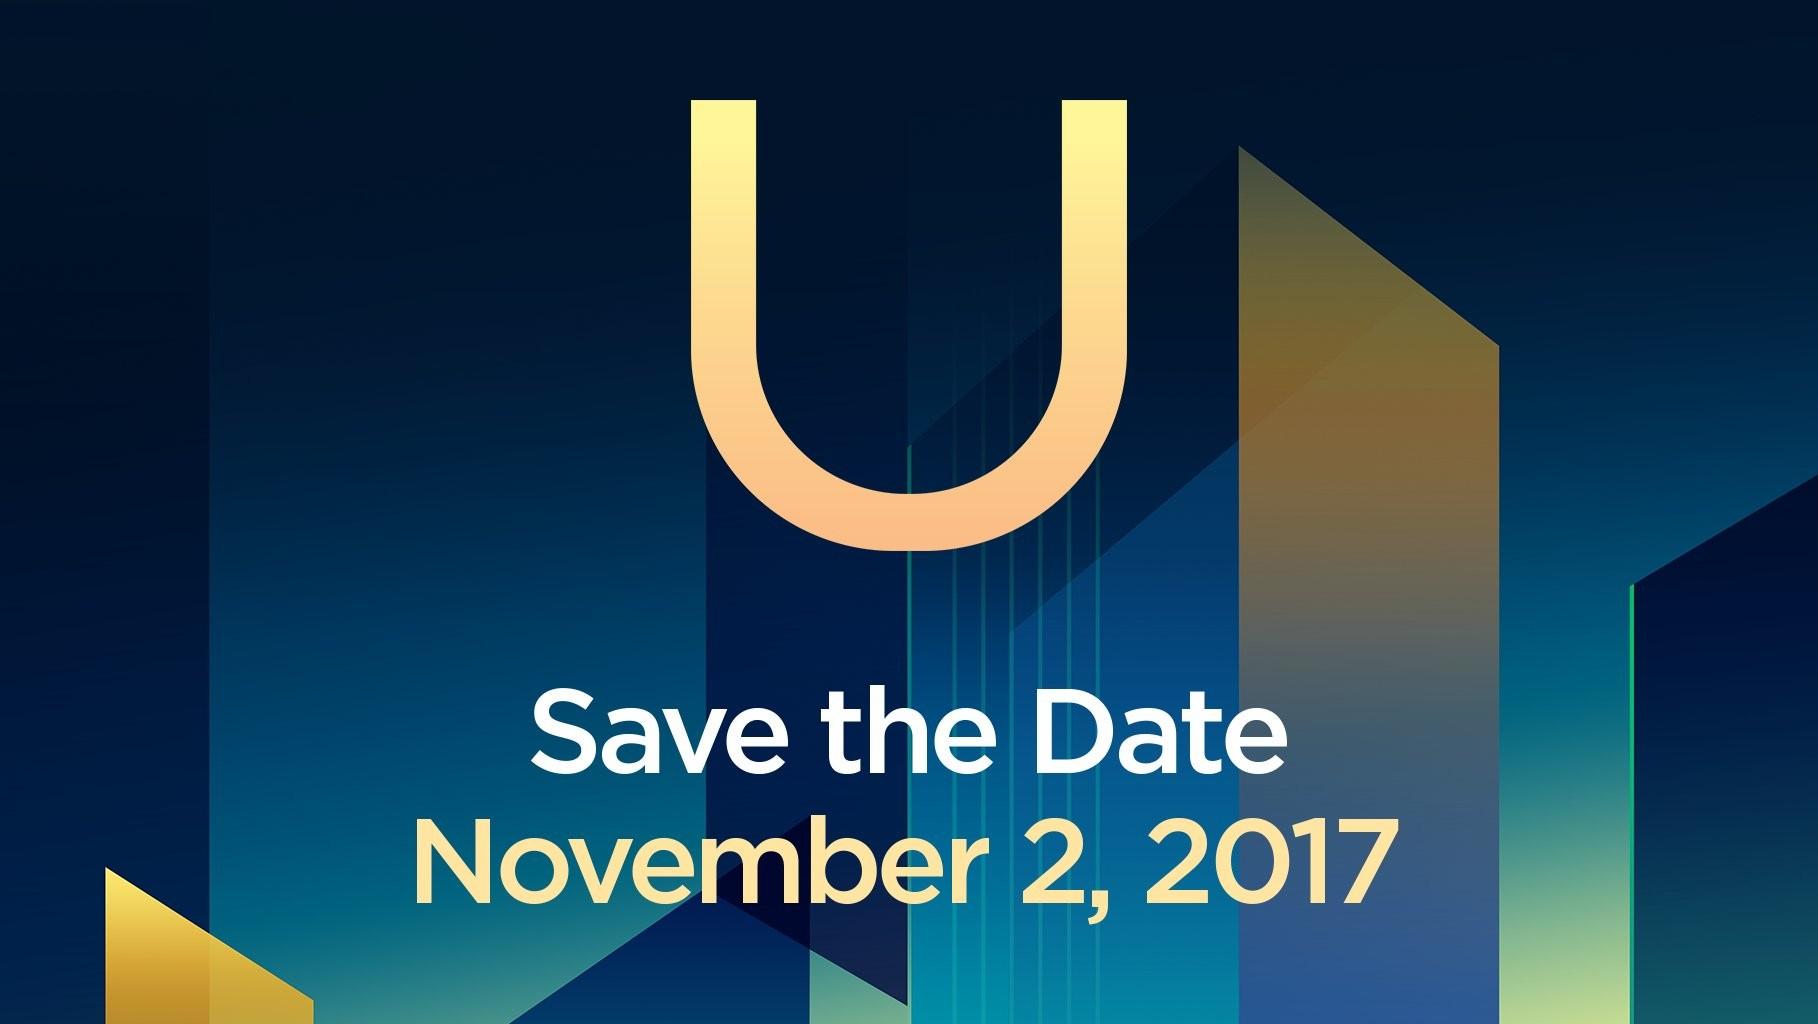 اچتیسی یو 11 پلاس (HTC U11 Plus) در تاریخ 2 نوامبر به طور رسمی عرضه خواهد شد